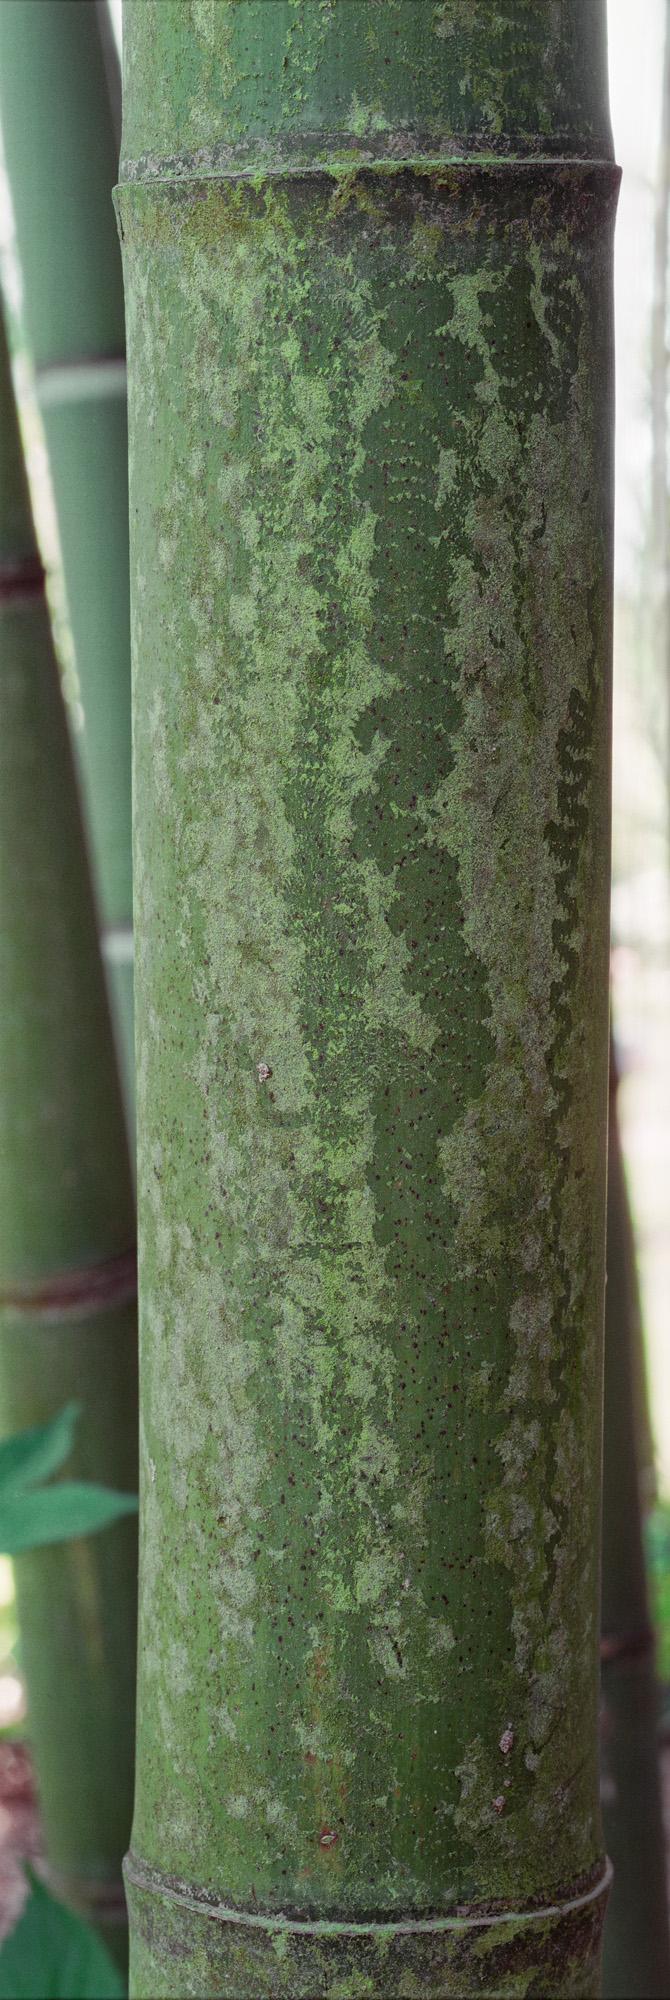 Bambus, Pflanze, Natur, Struktur, Gewächs, Wachstum, Leben, Grün, Holz, Blätter, Blatt, Makro